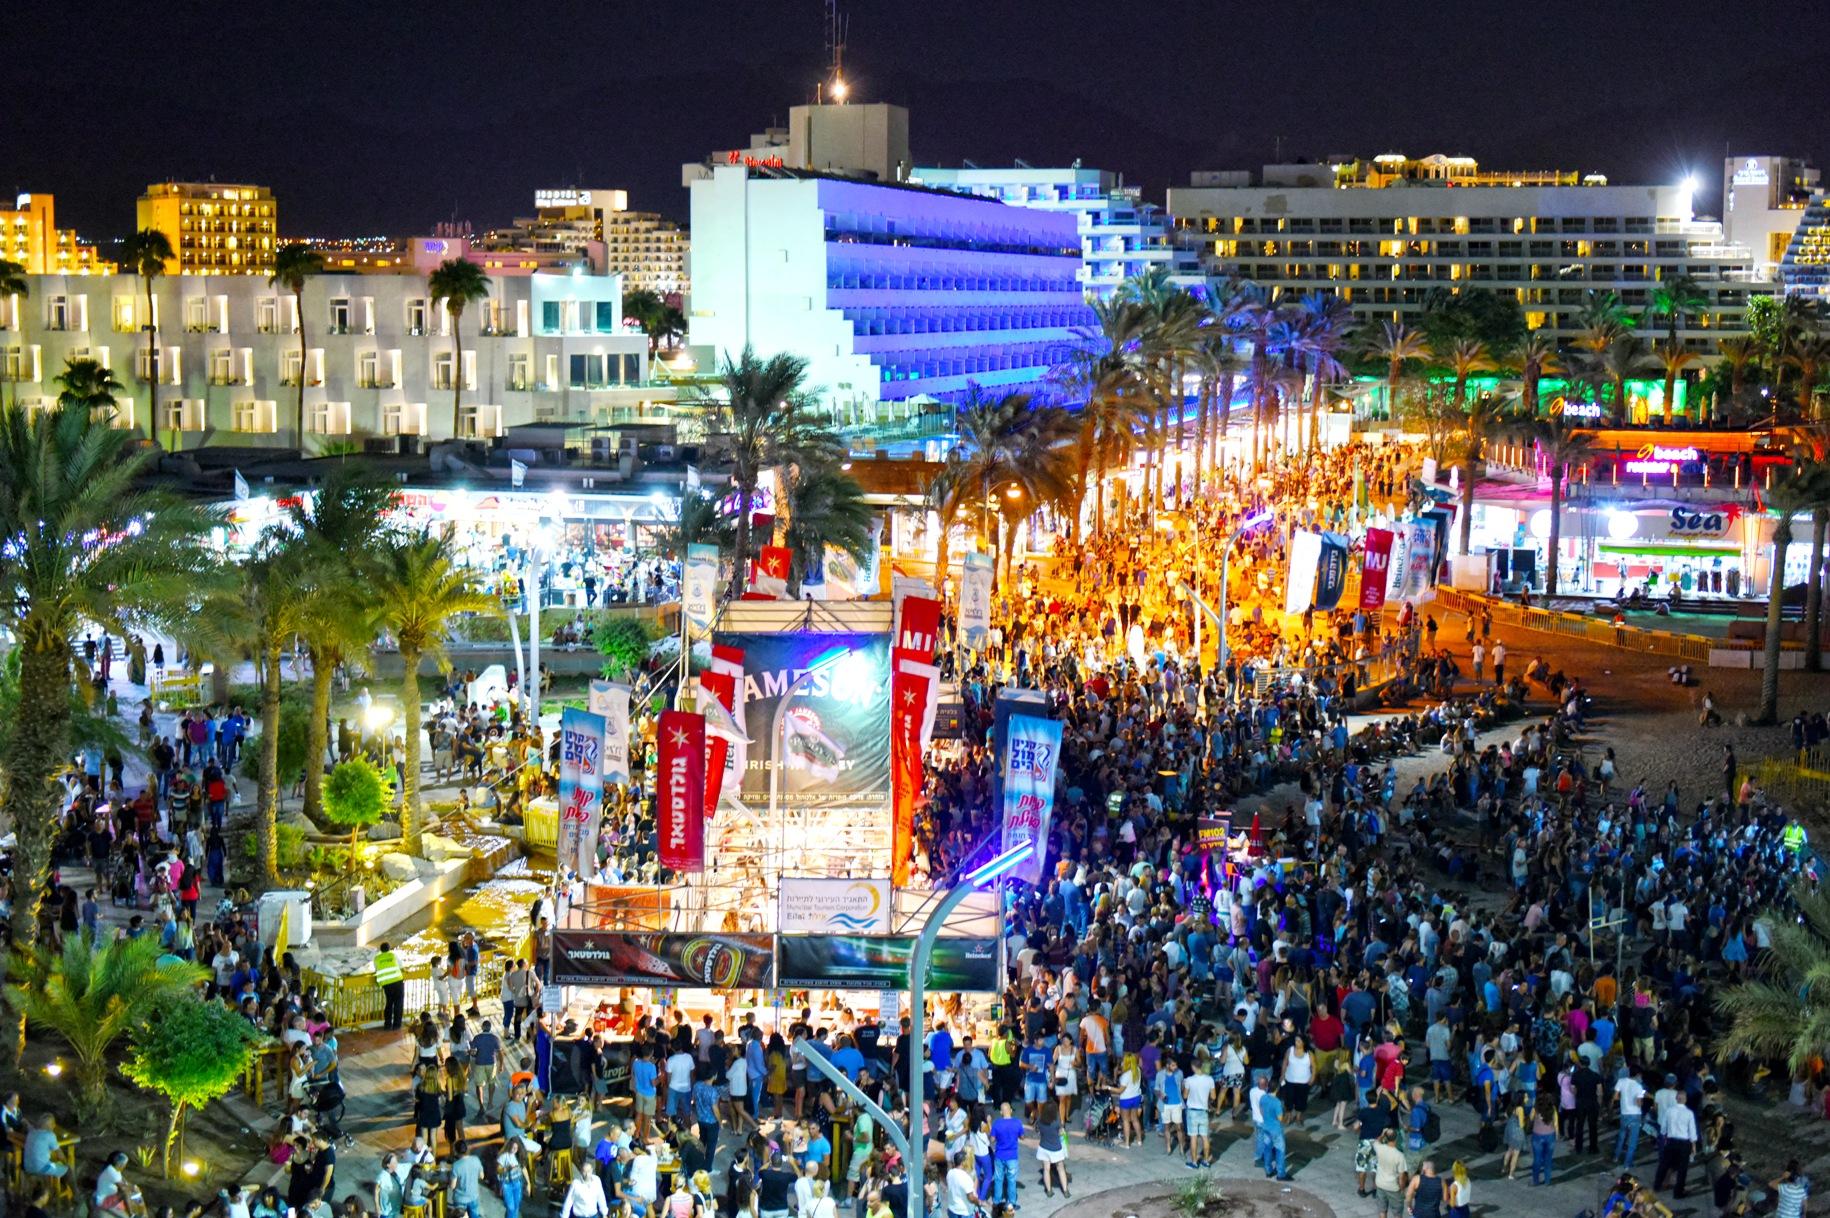 מוקטן-פסטיבל הבירה אילת צילום יהודה בן יתח